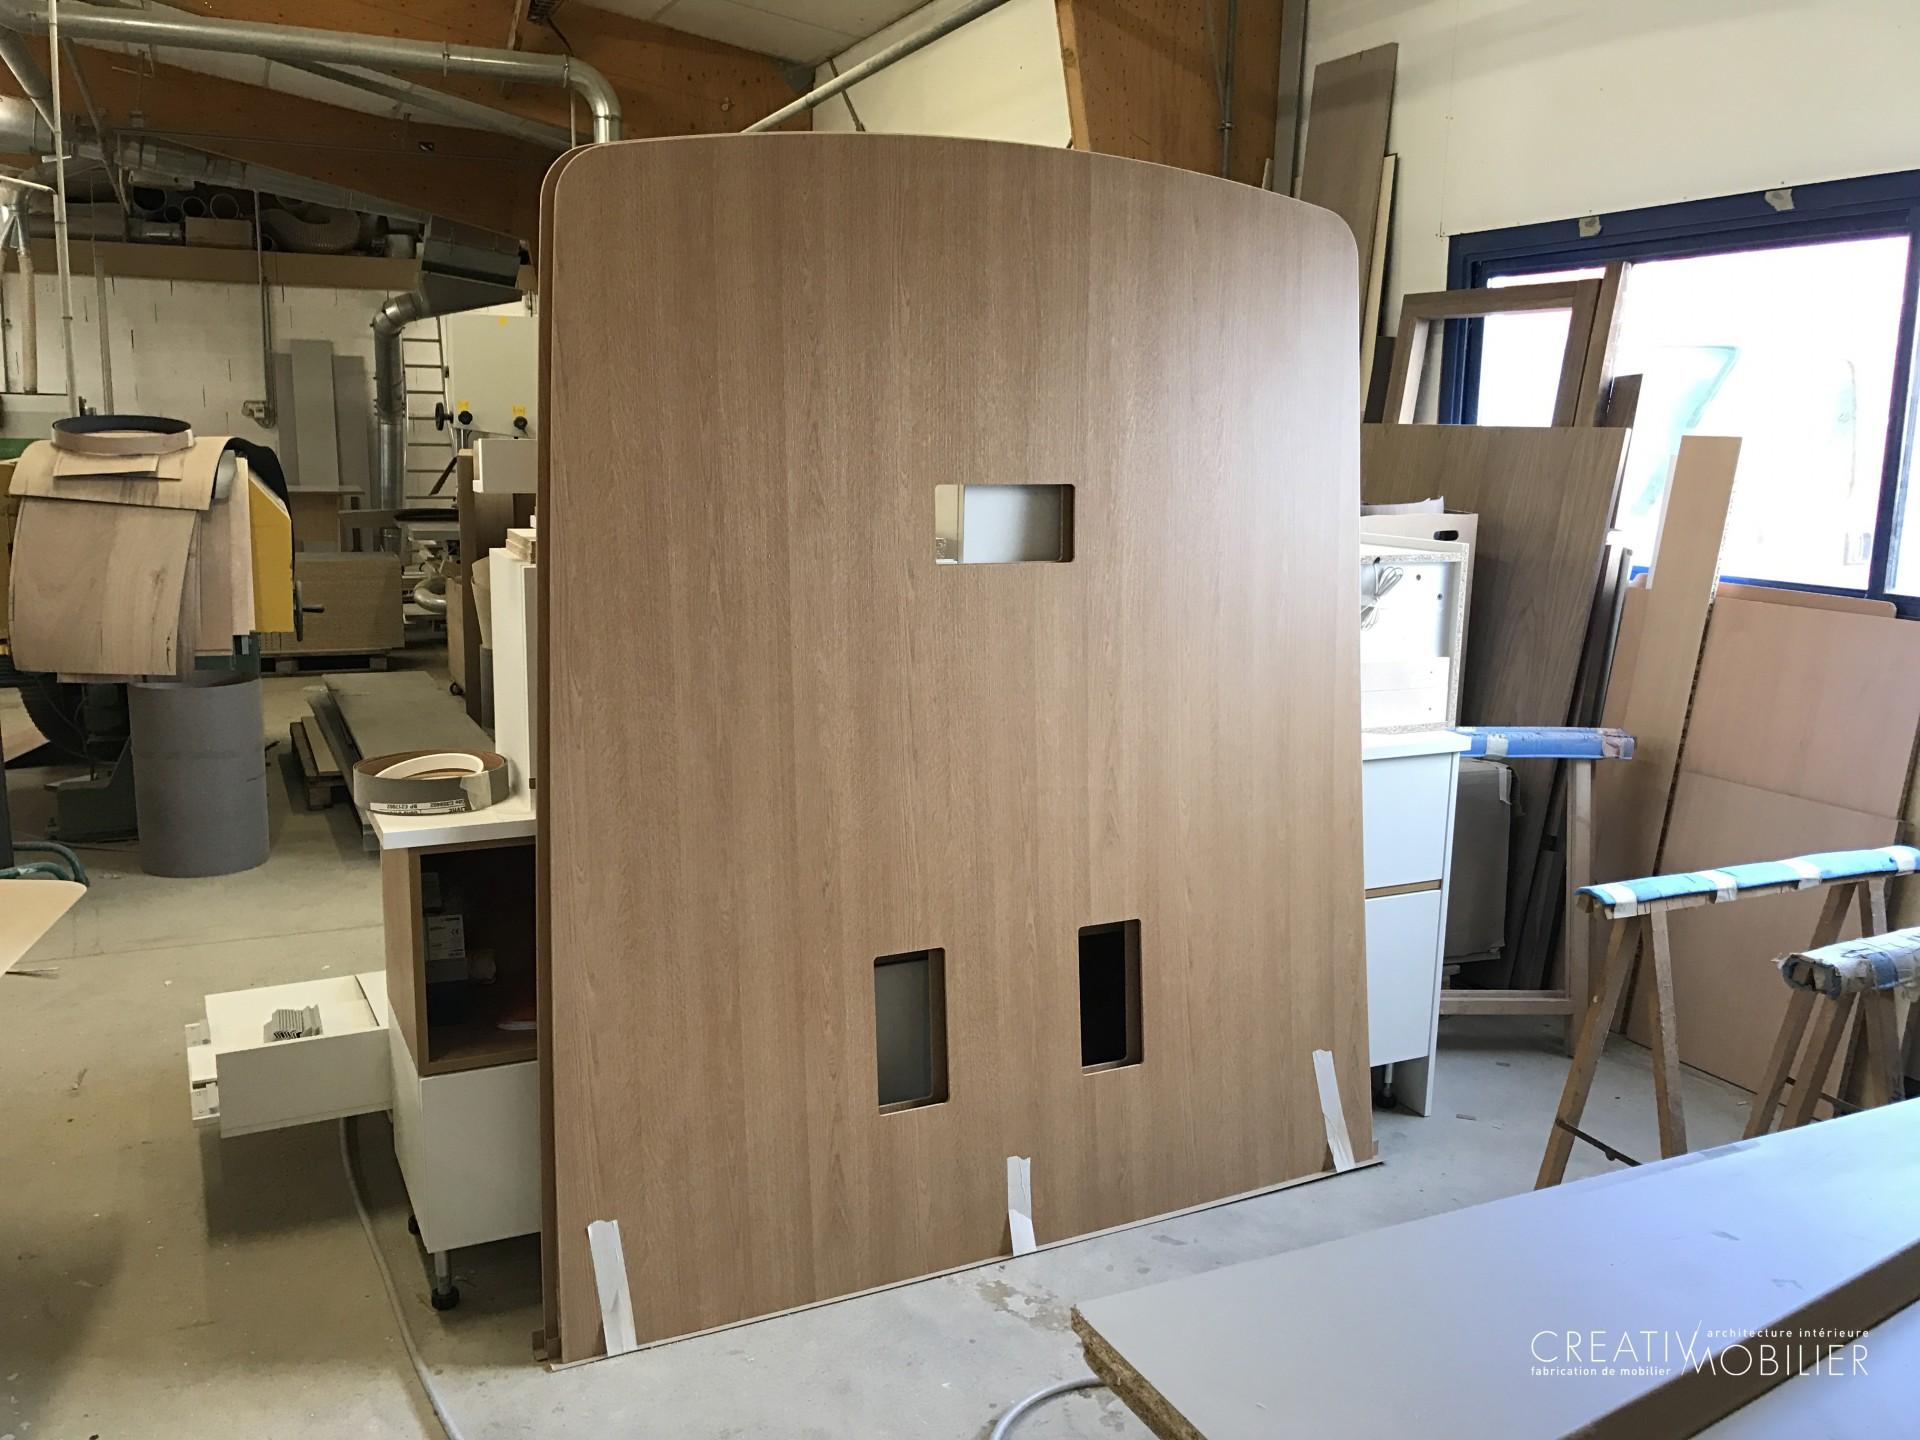 salle de r union la cour des comptes de metz creativ mobilier. Black Bedroom Furniture Sets. Home Design Ideas